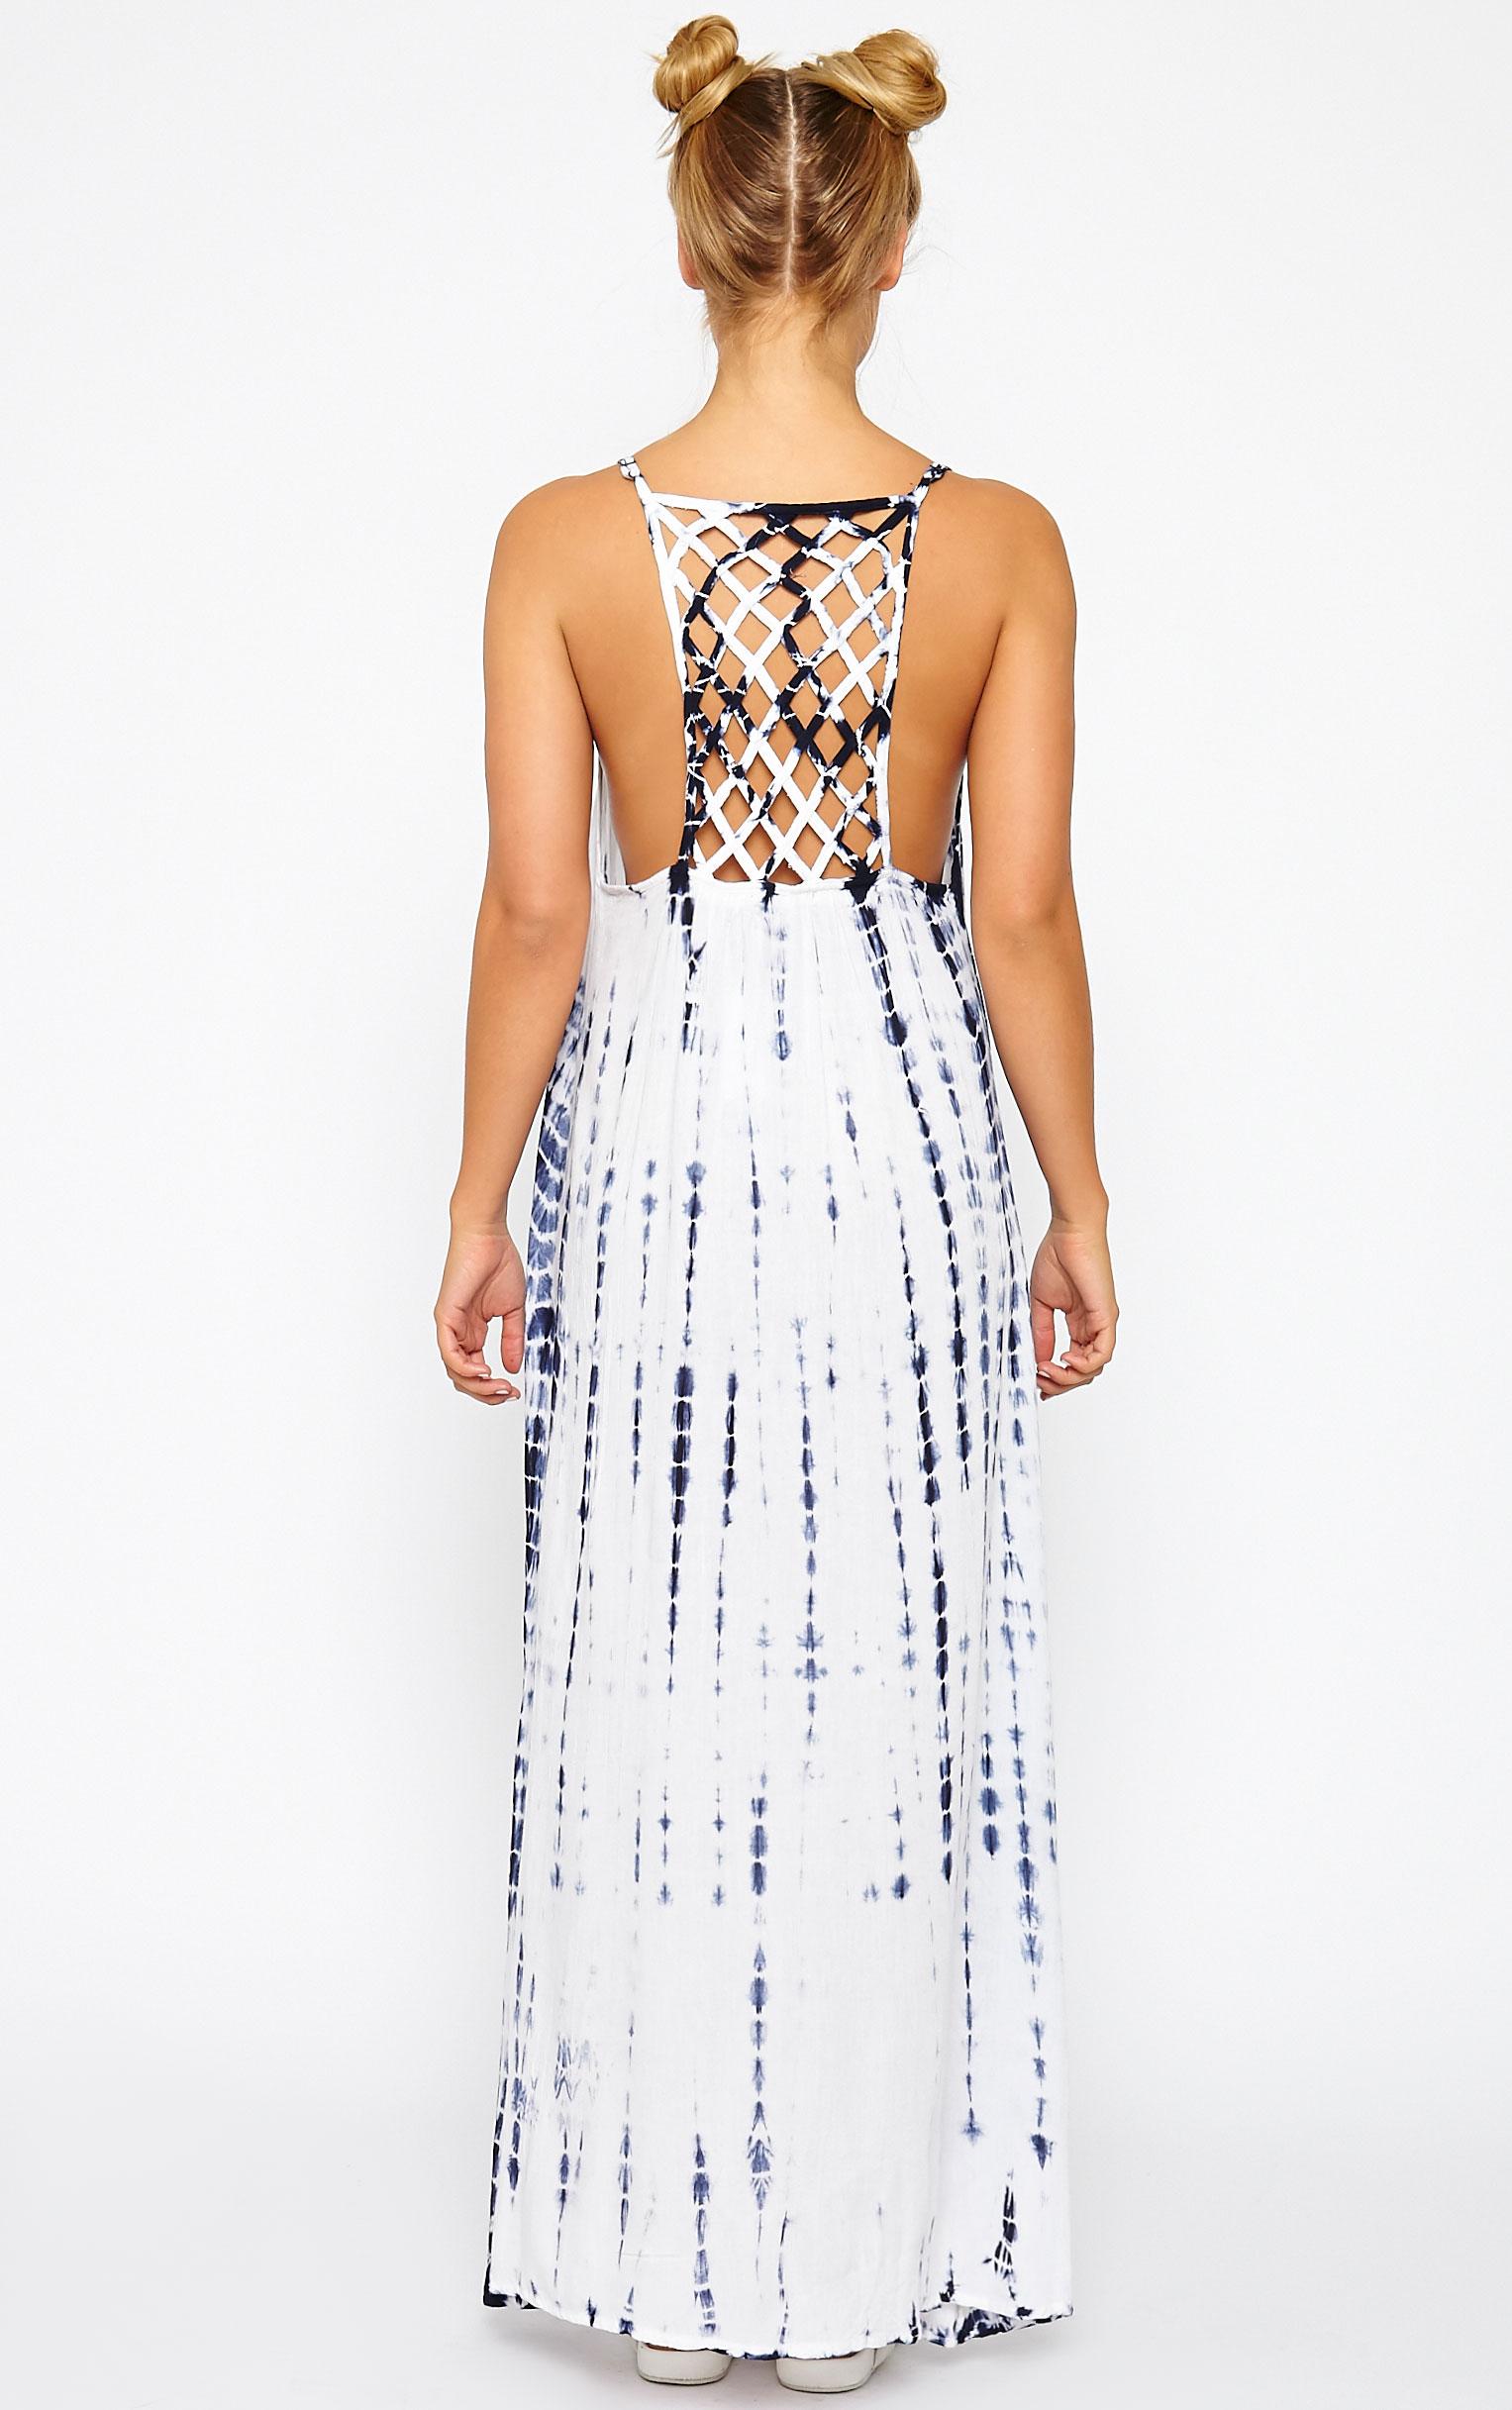 Amoura Blue Tie Dye Lattice Back Dress 2